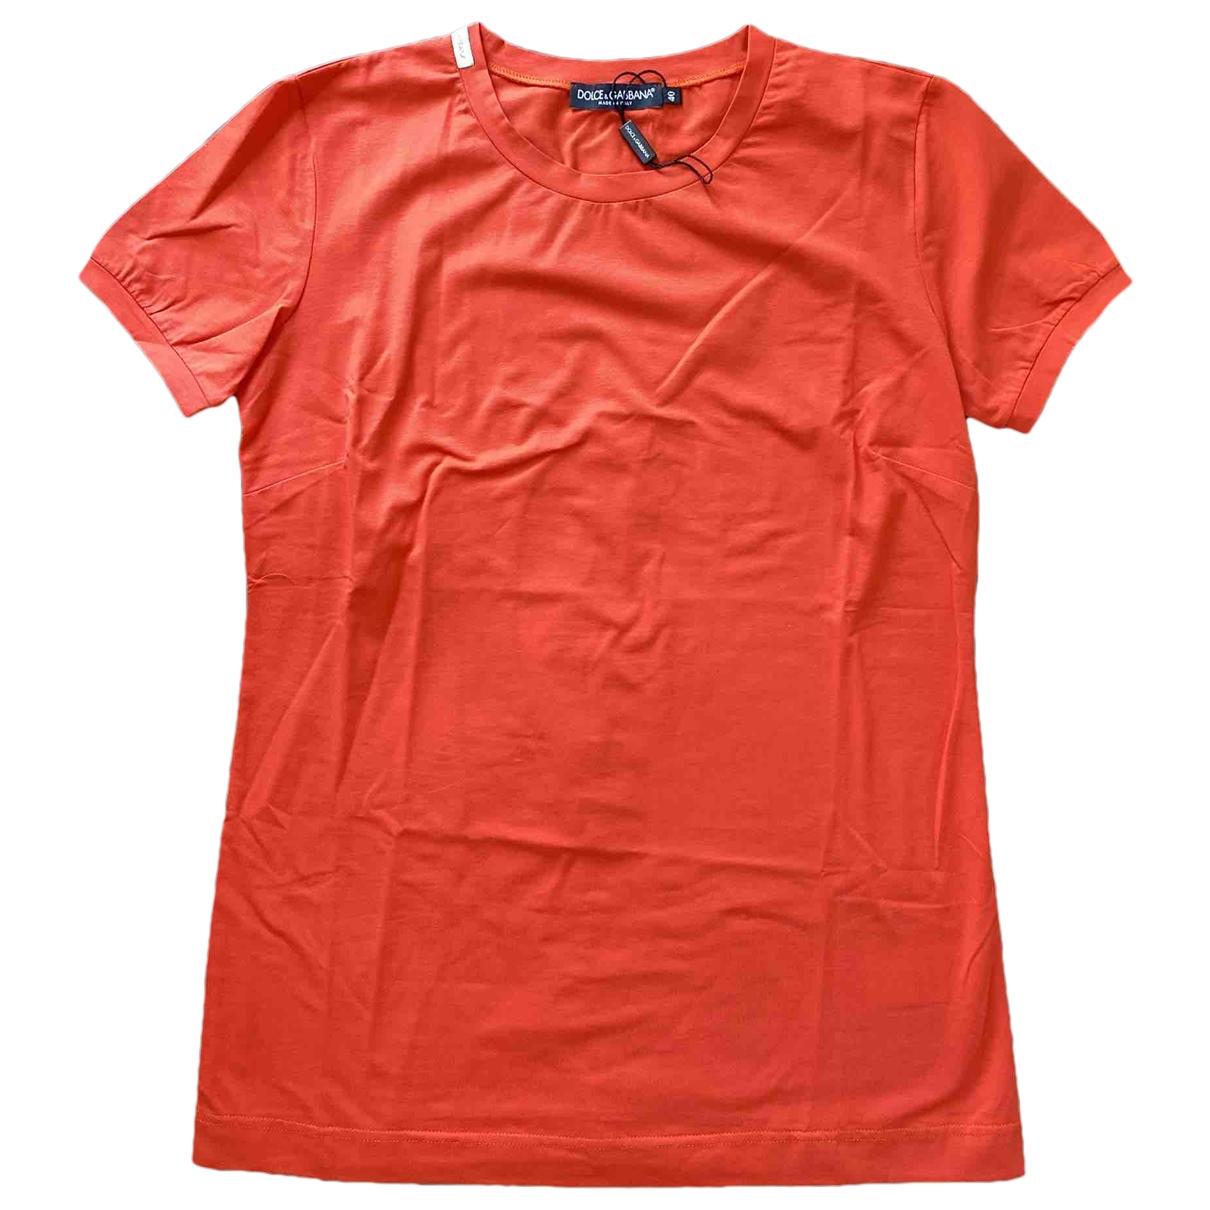 Dolce & Gabbana - Top   pour femme en coton - orange